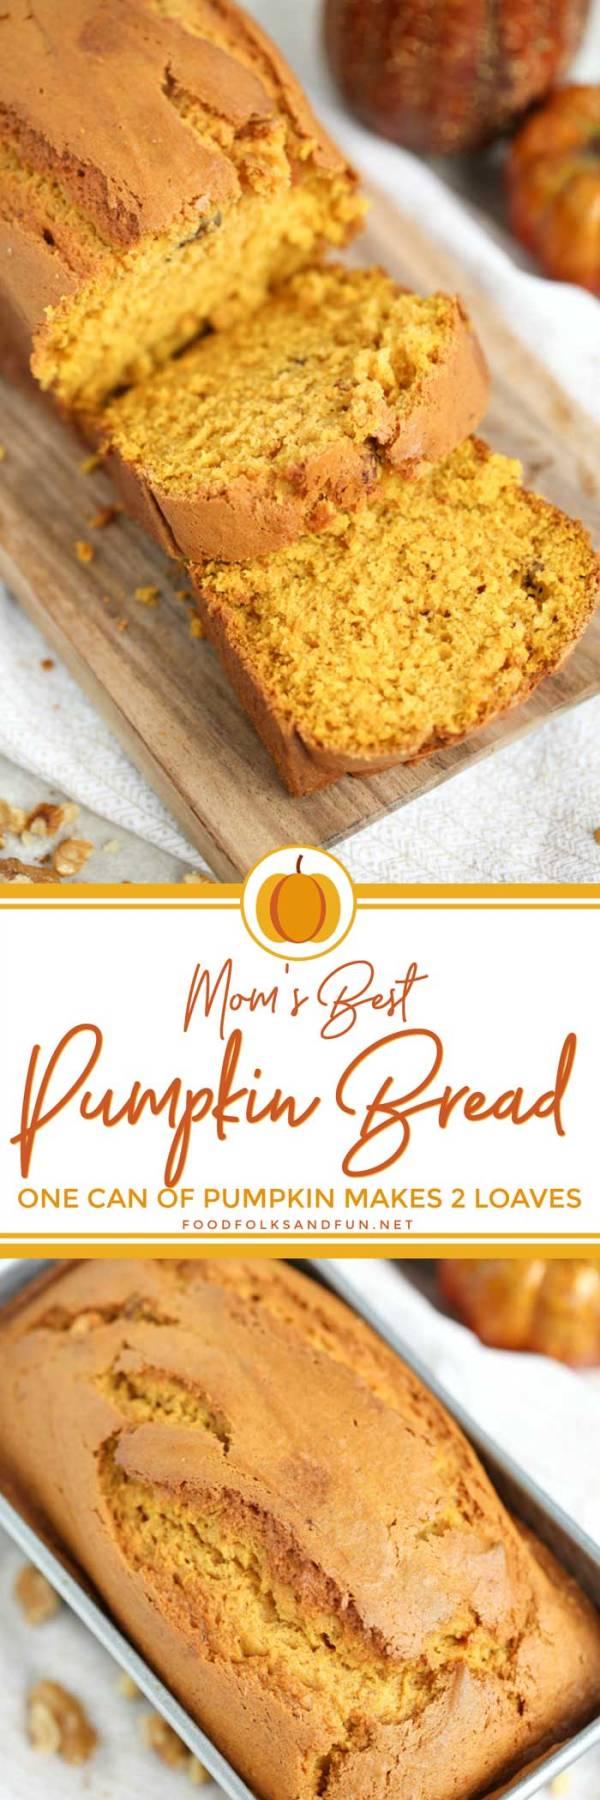 The best Pumpkin Bread recipe EVER!